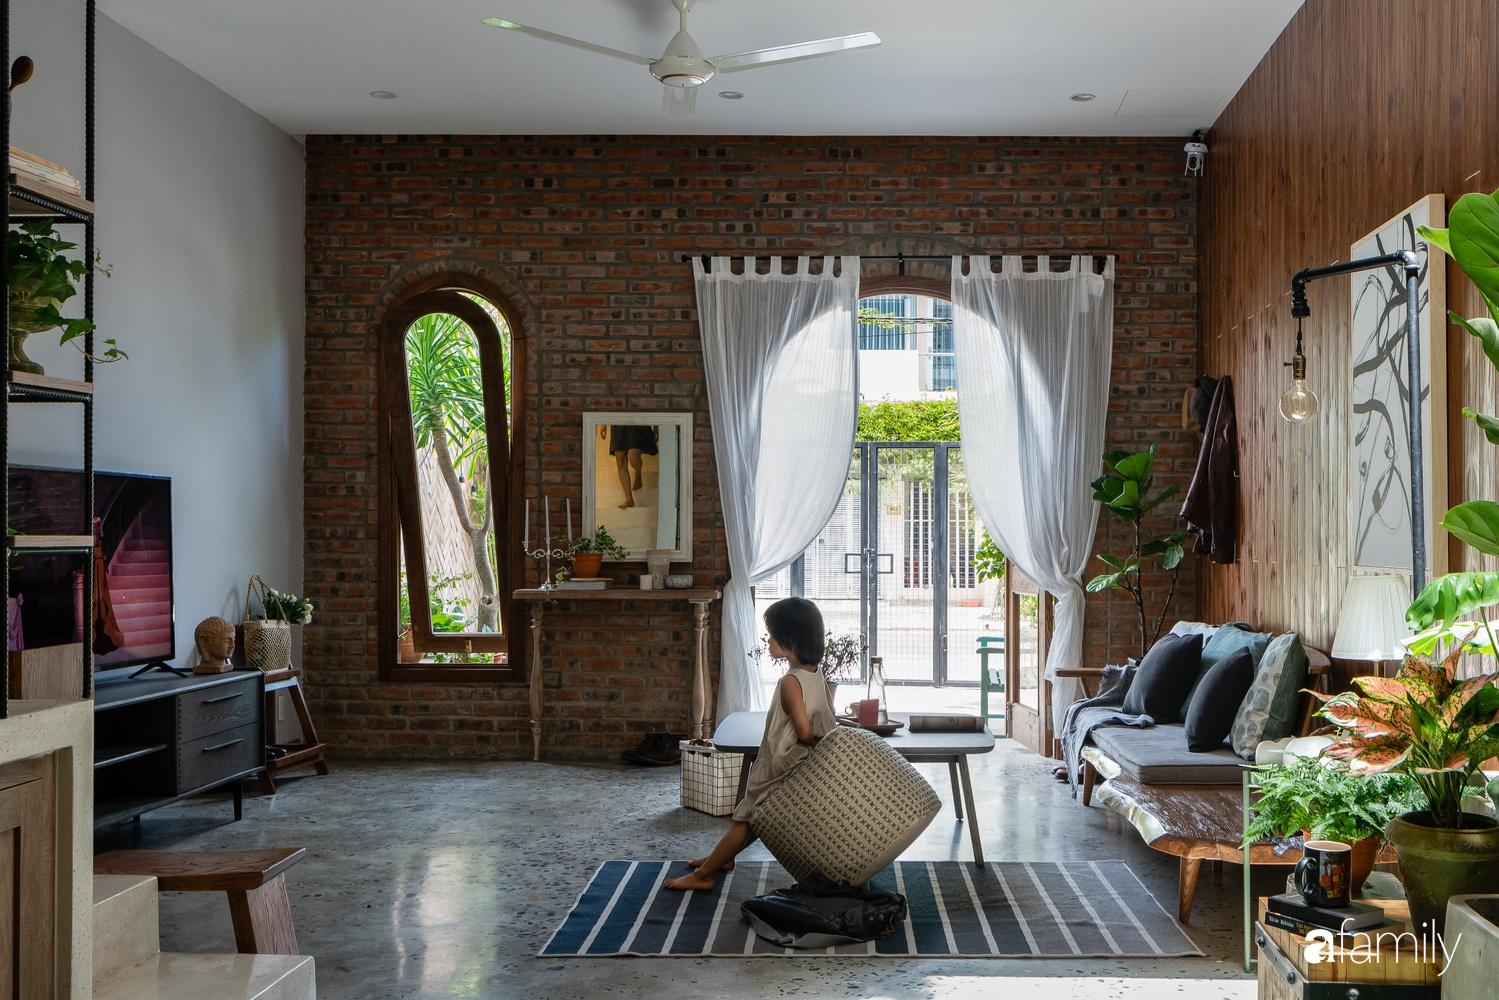 Ngôi nhà có kiến trúc độc đáo giàu tính nghệ thuật đẹp yên bình, mộc mạc giữa trung tâm thành phố Đà Nẵng - Ảnh 2.